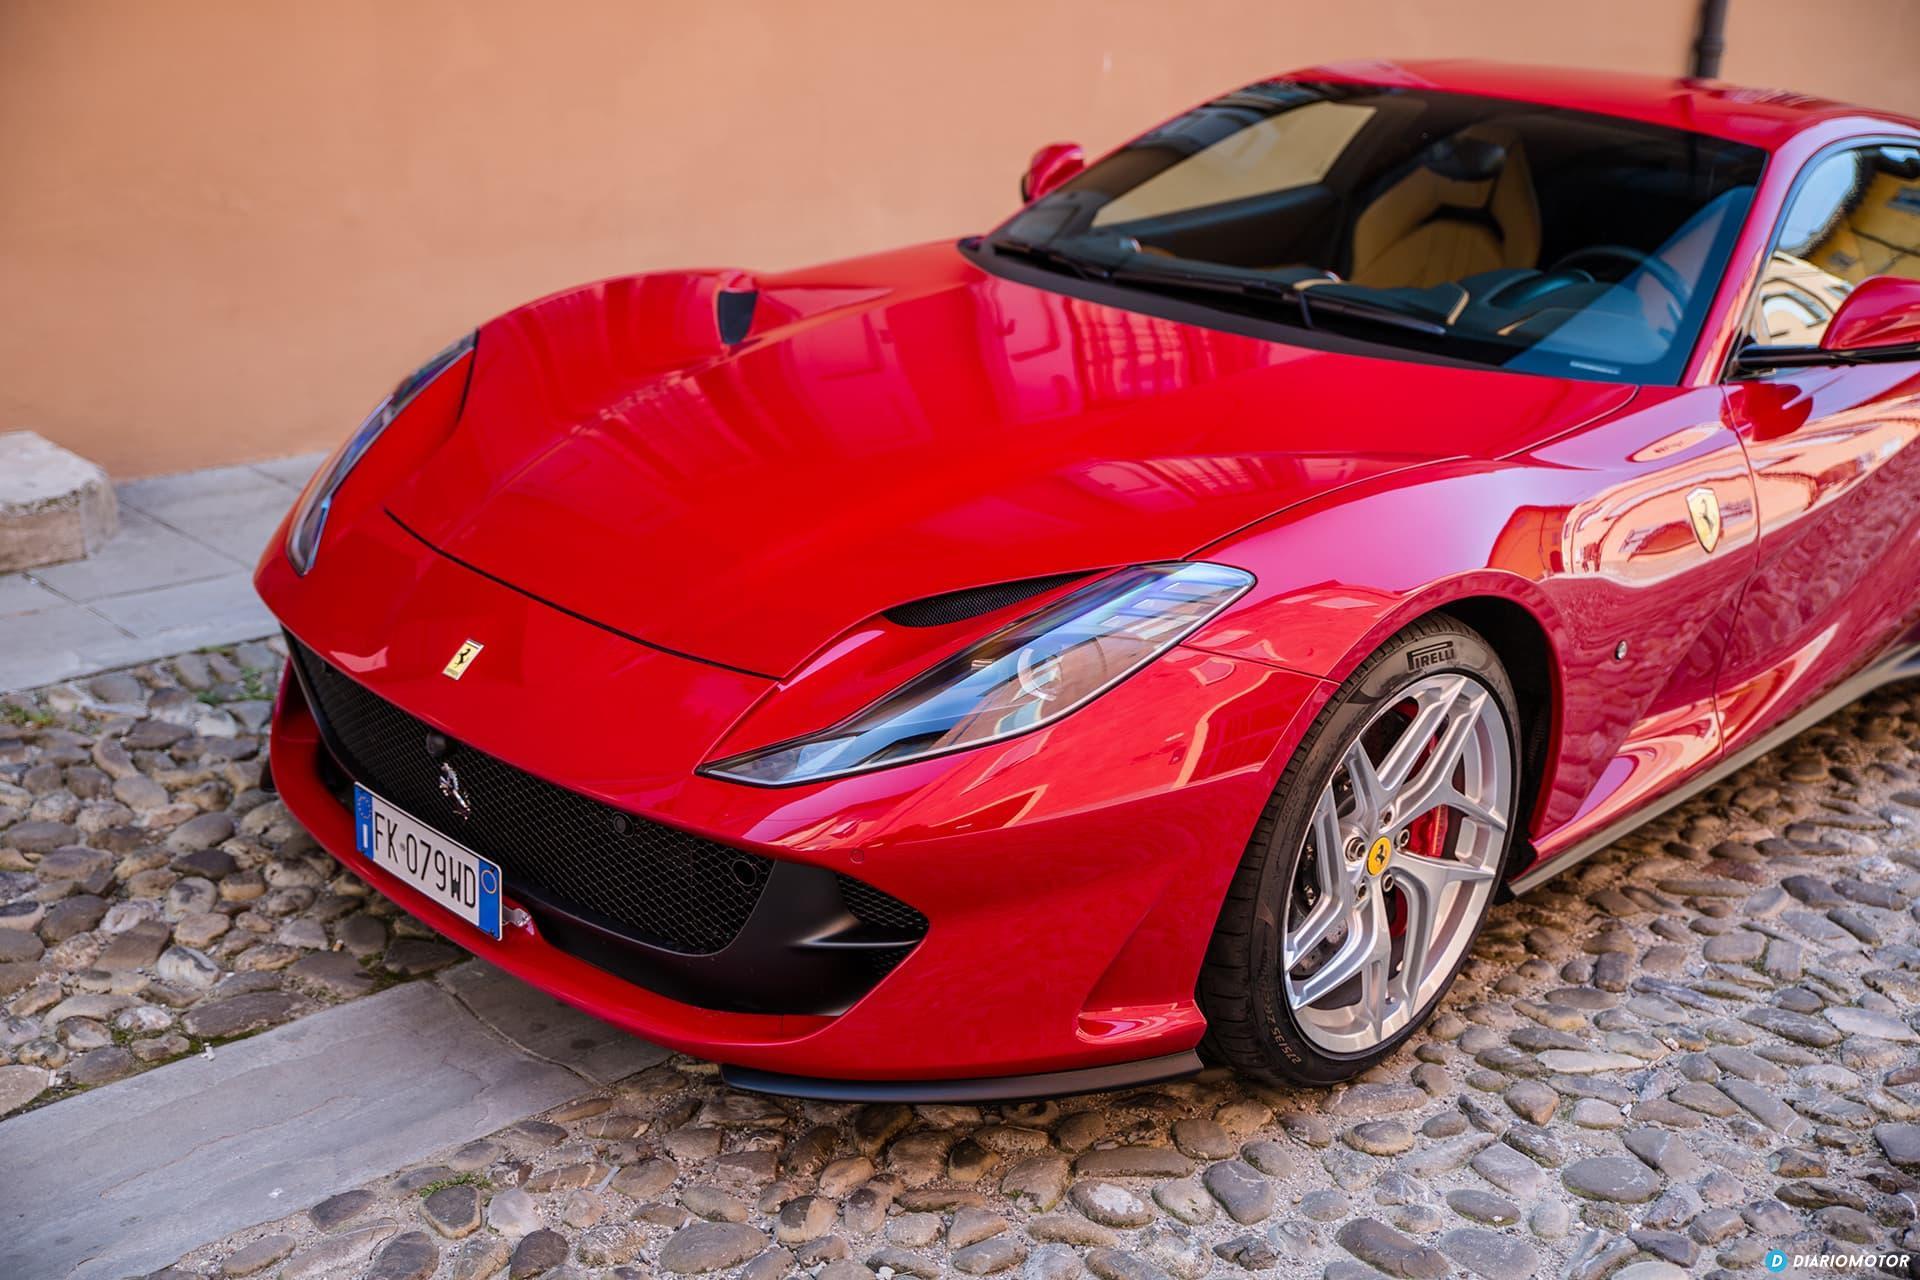 Ferrari 812 Superfast Exterior 00035